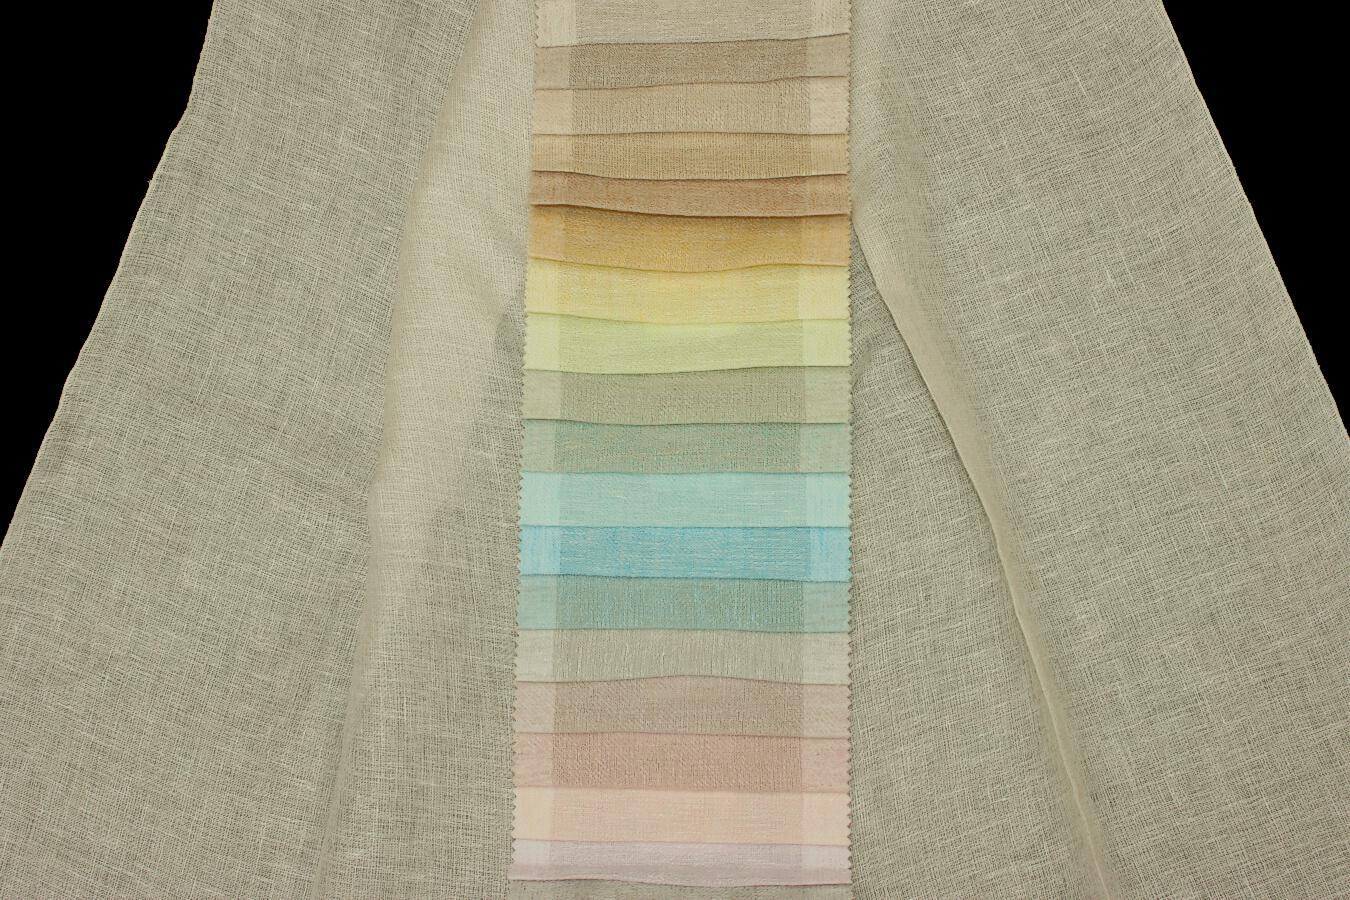 Záclona 31337 Fenice 320 cm 73 tmavě růžová